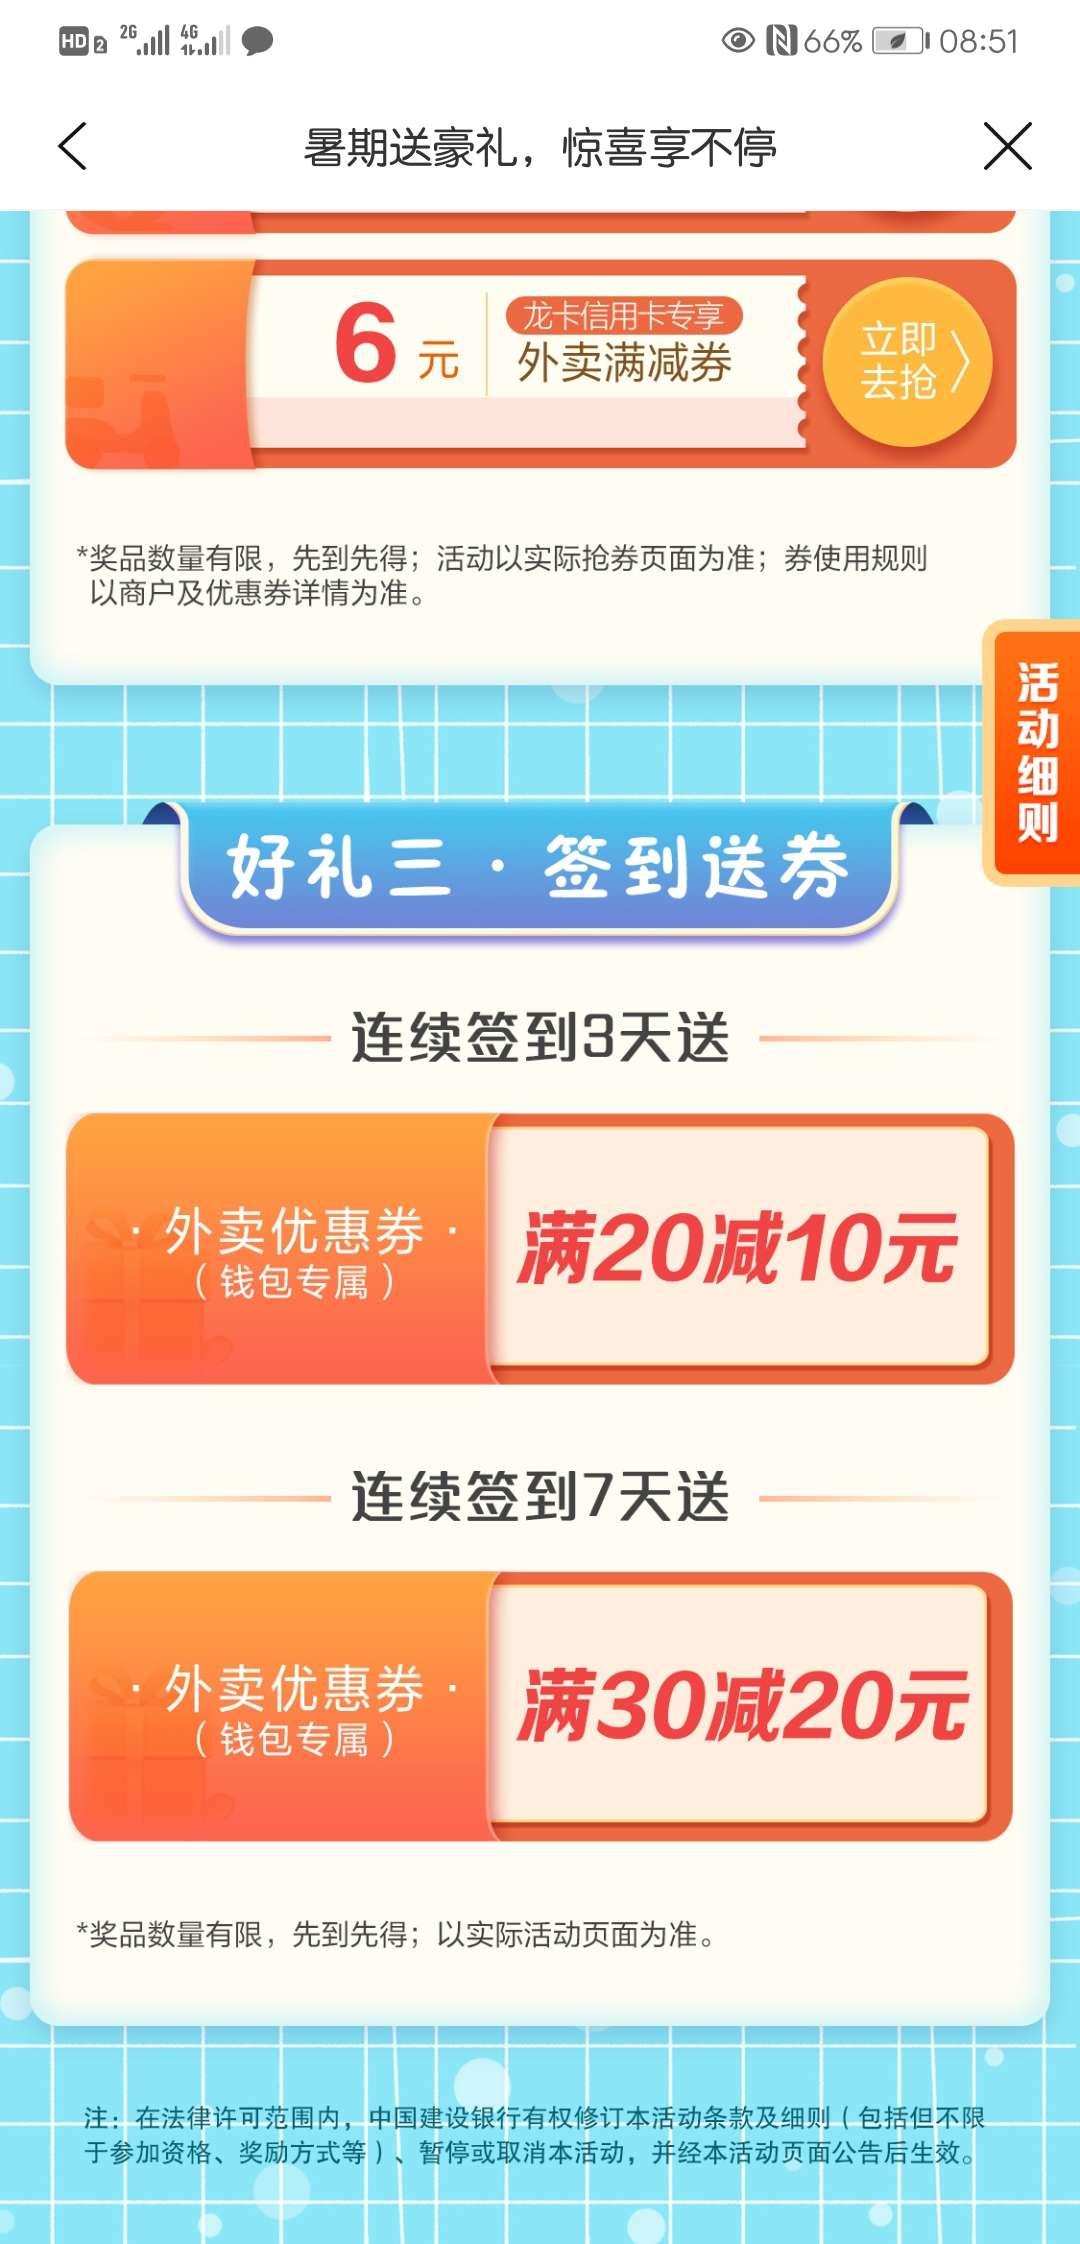 建设银行日常生活外卖优惠券券手机话费抵用券电影券餐馆券插图3